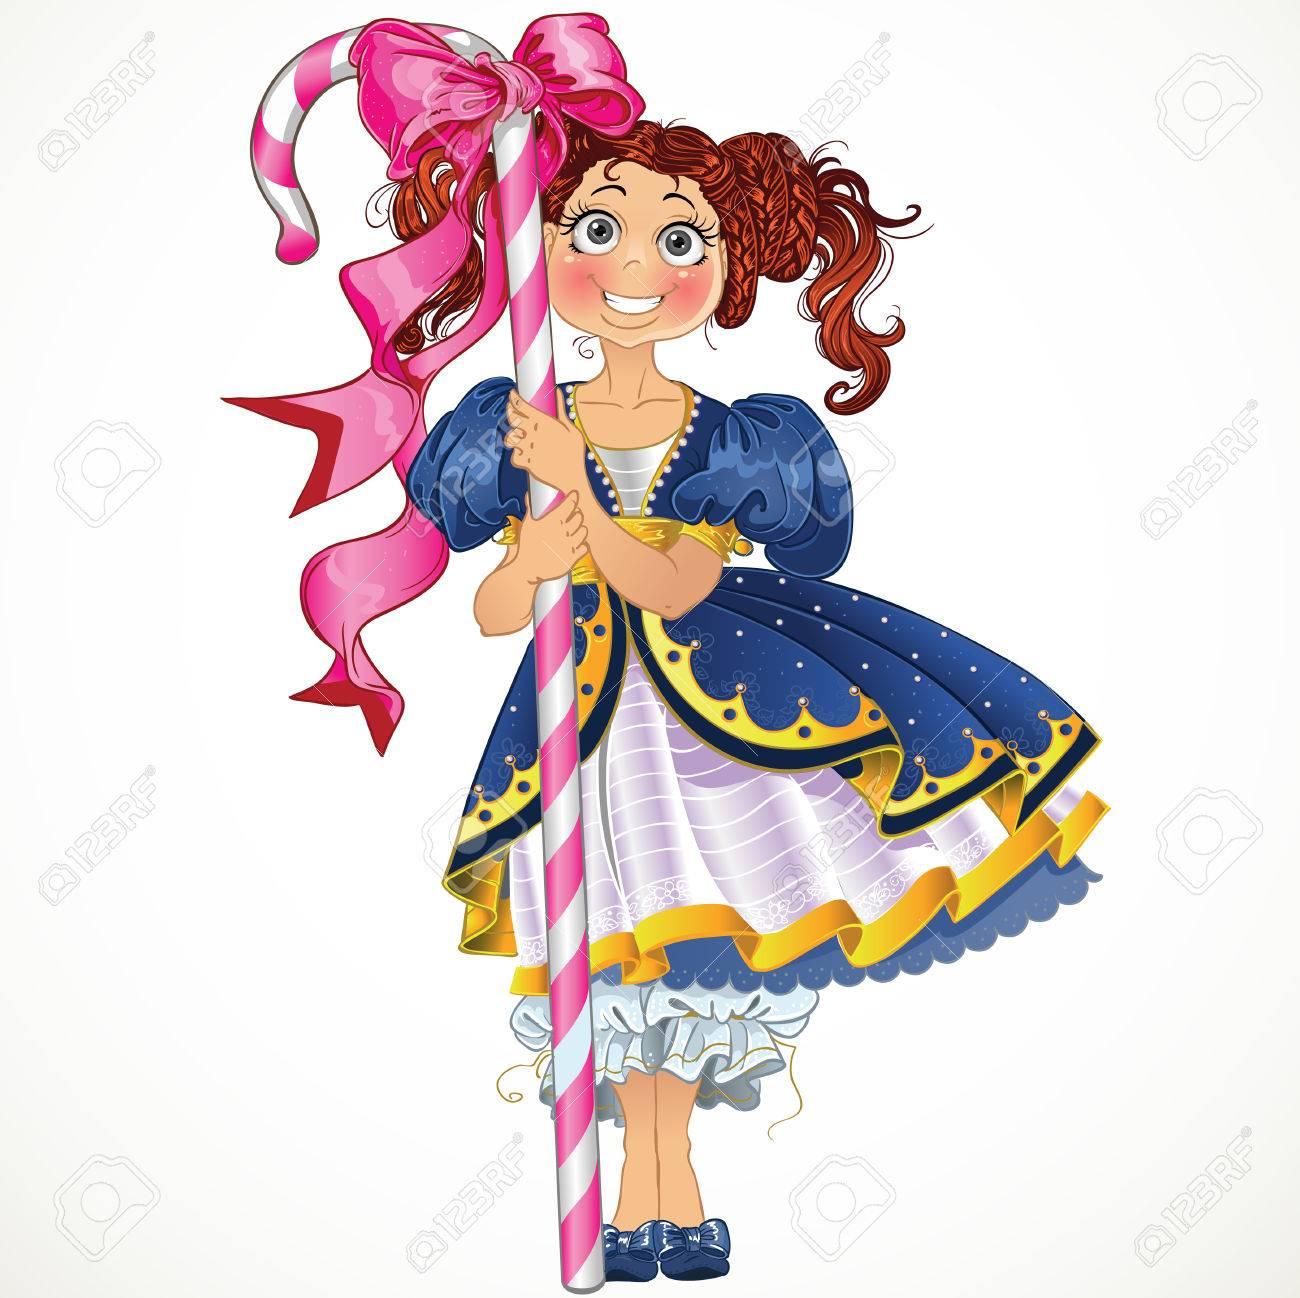 お菓子と小さなかわいい女の子のイラスト素材ベクタ Image 23150128